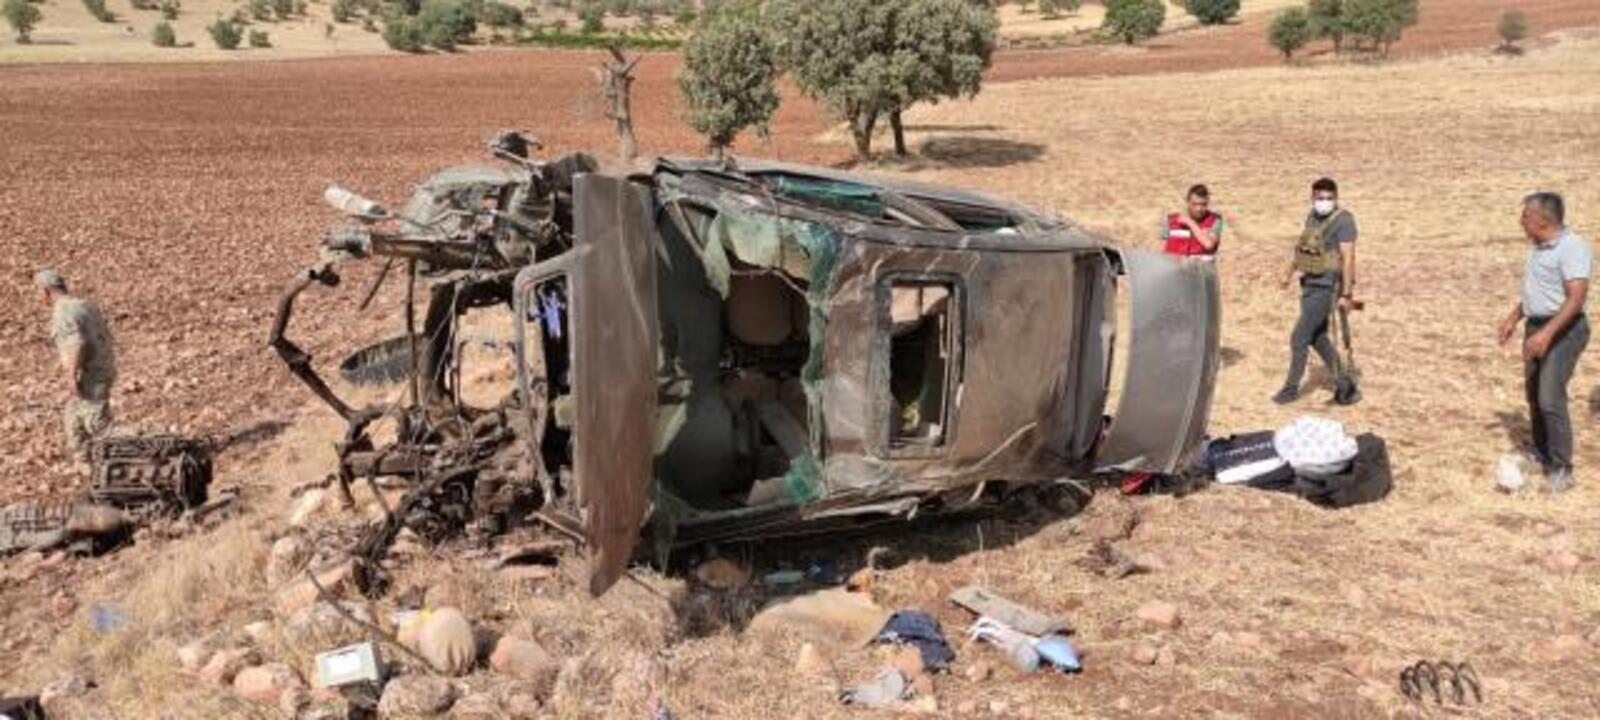 Mardin'de şarampole yuvarlanan araçtaki iki asker hayatını kaybetti